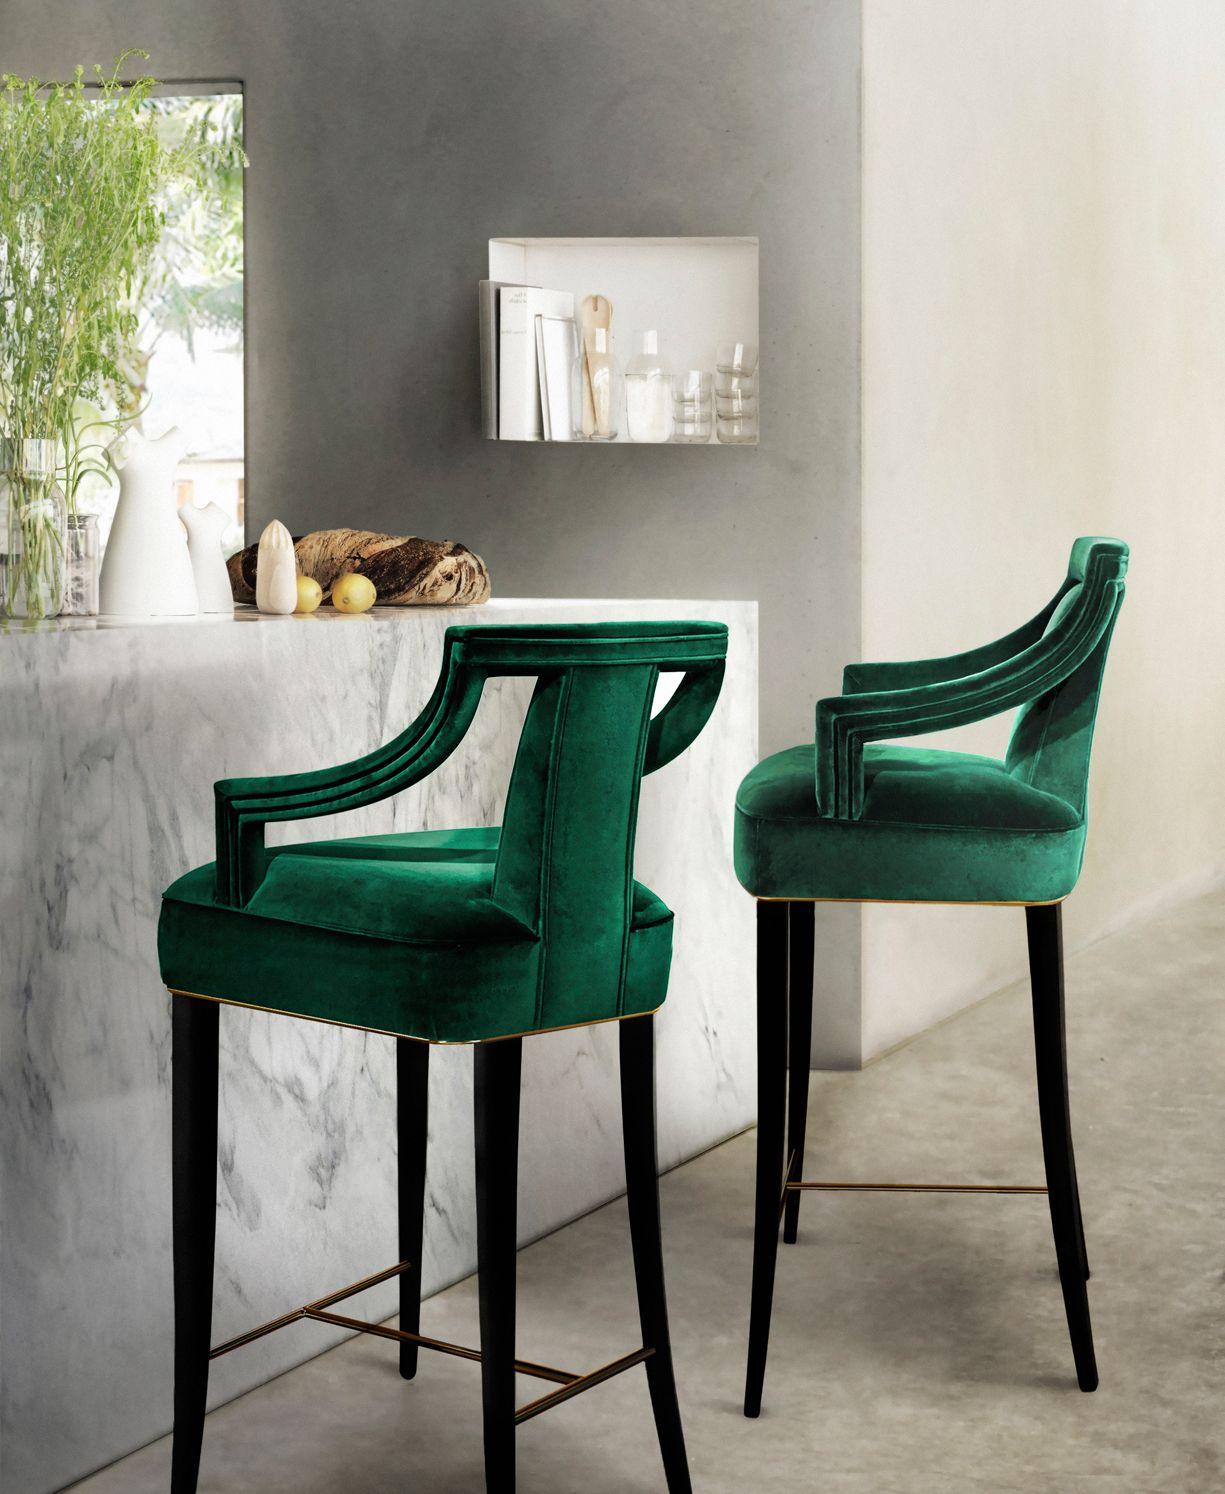 Eanda Bar Chair Modern Design By Brabbu Is A Velvet